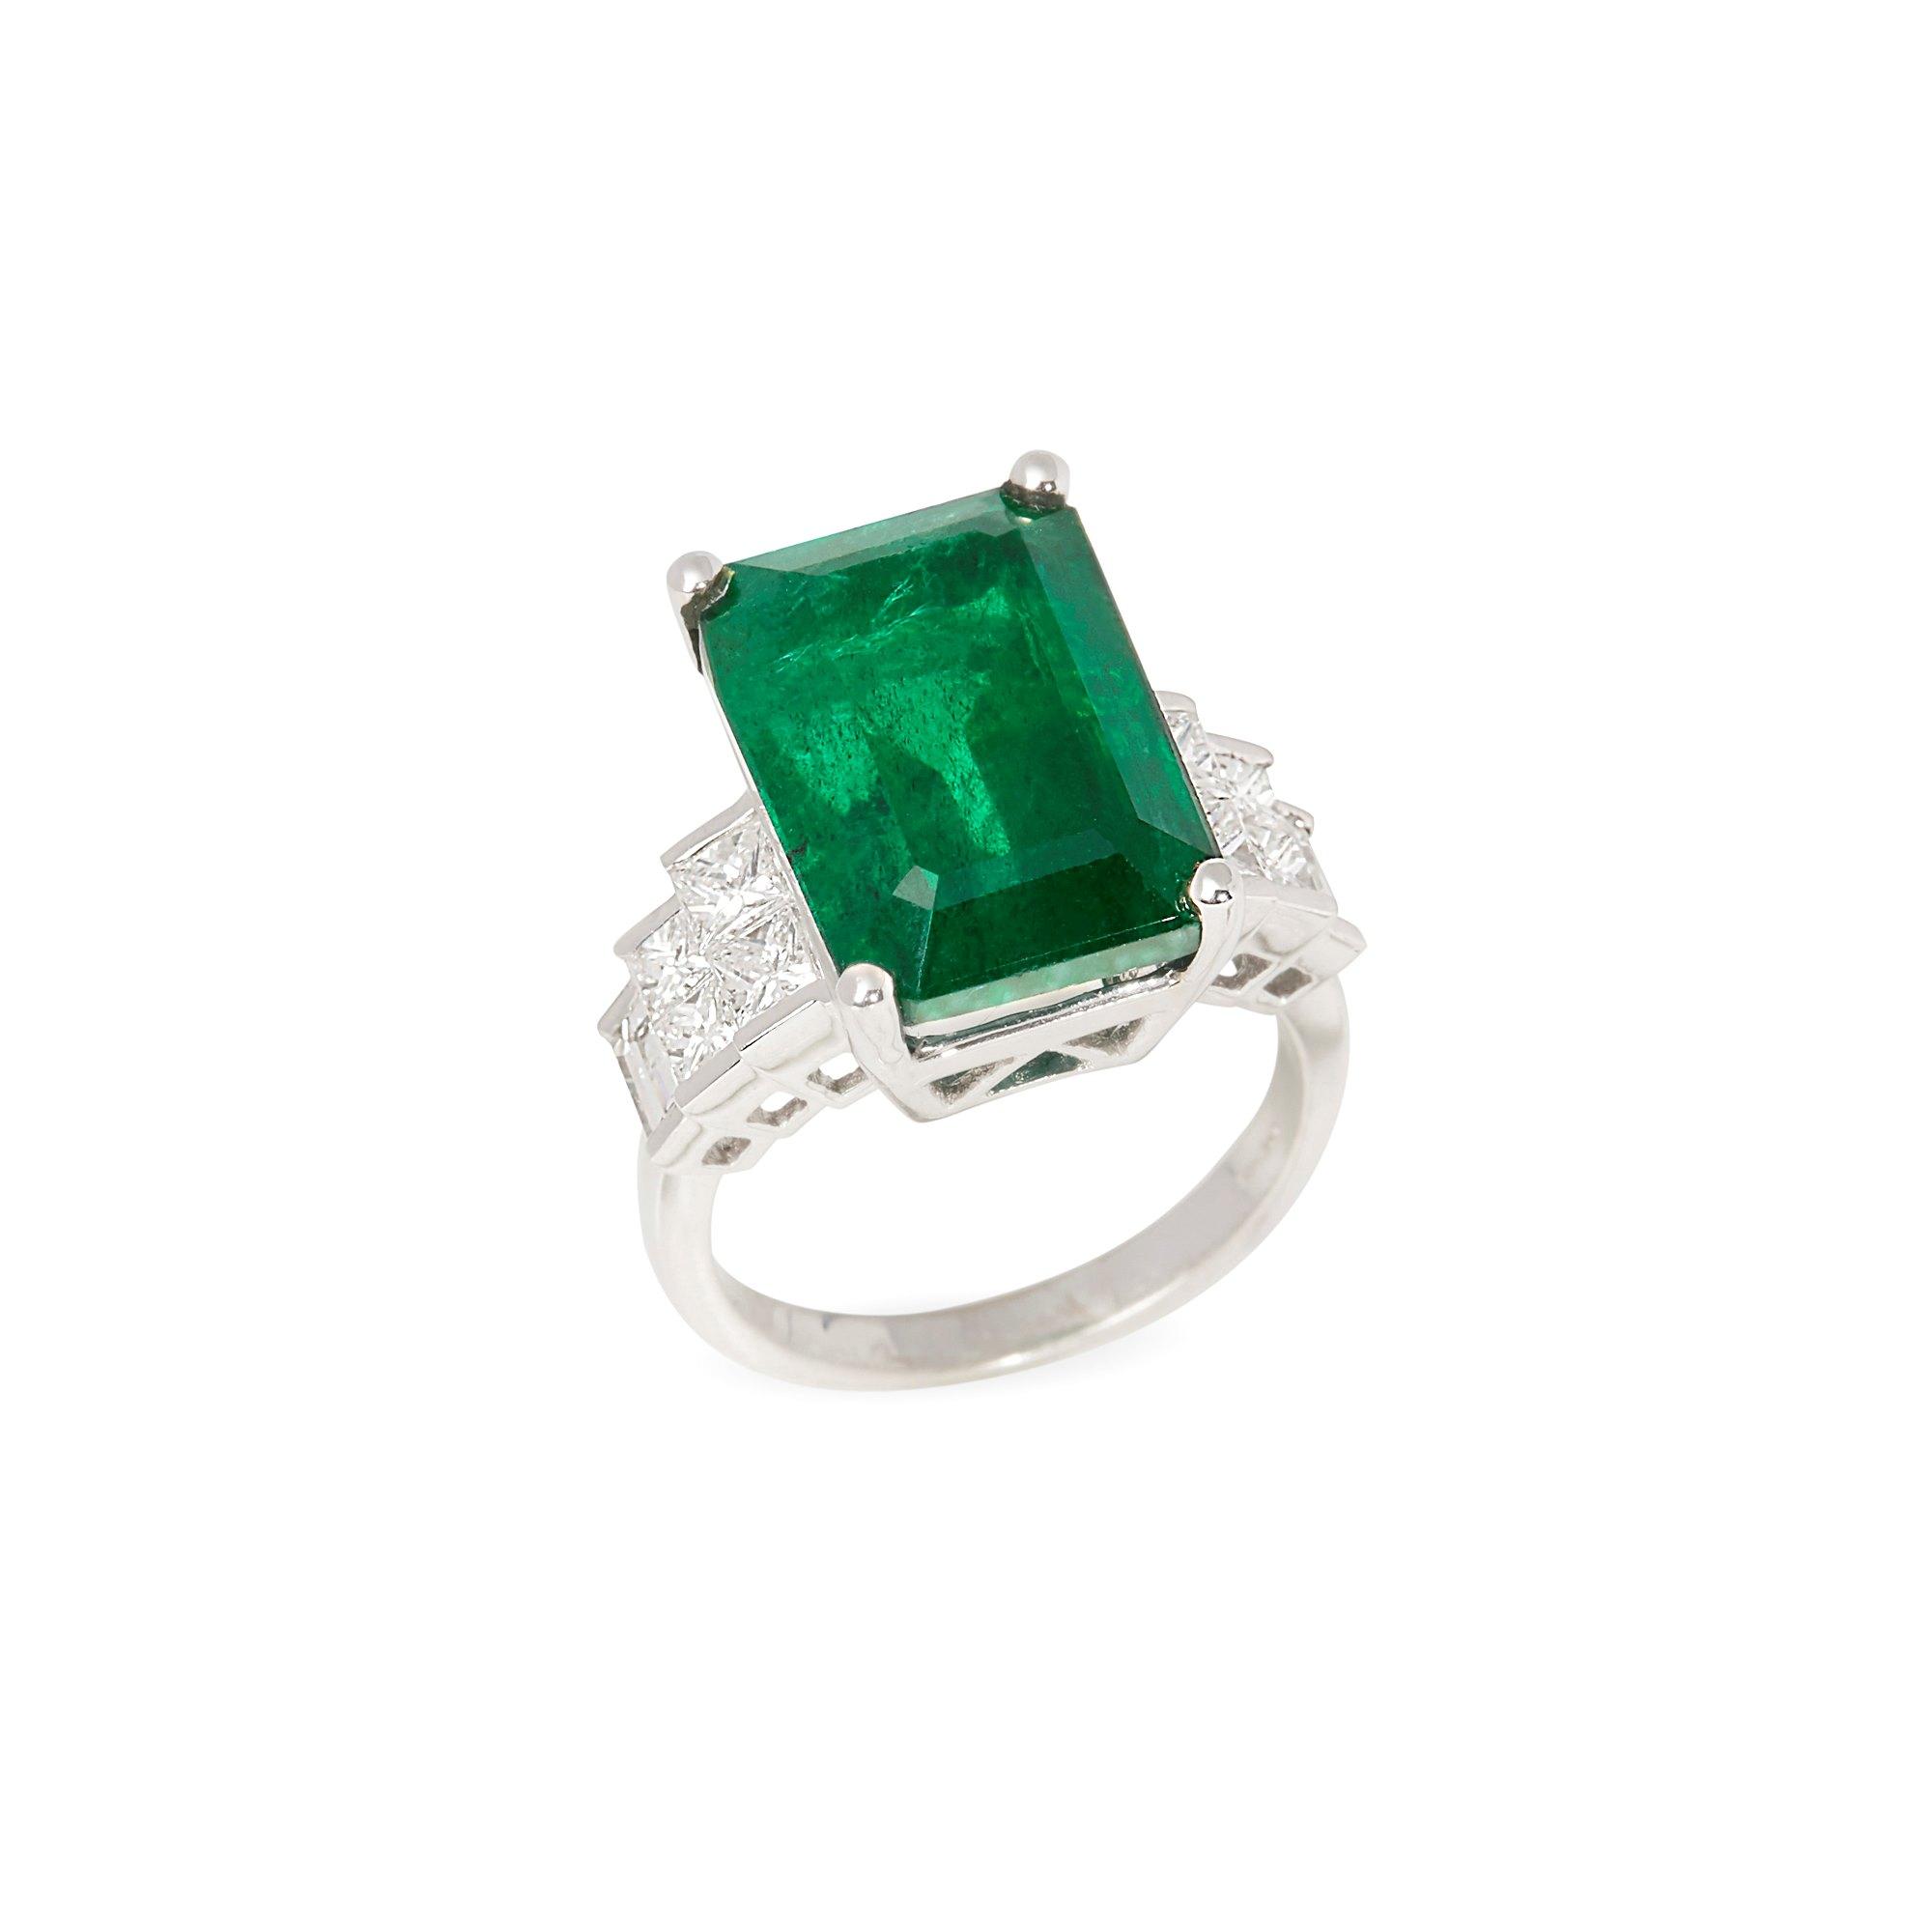 David Jerome Certified 13.77ct Untreated Zambian Emerald Cut Emerald and Diamond Ring